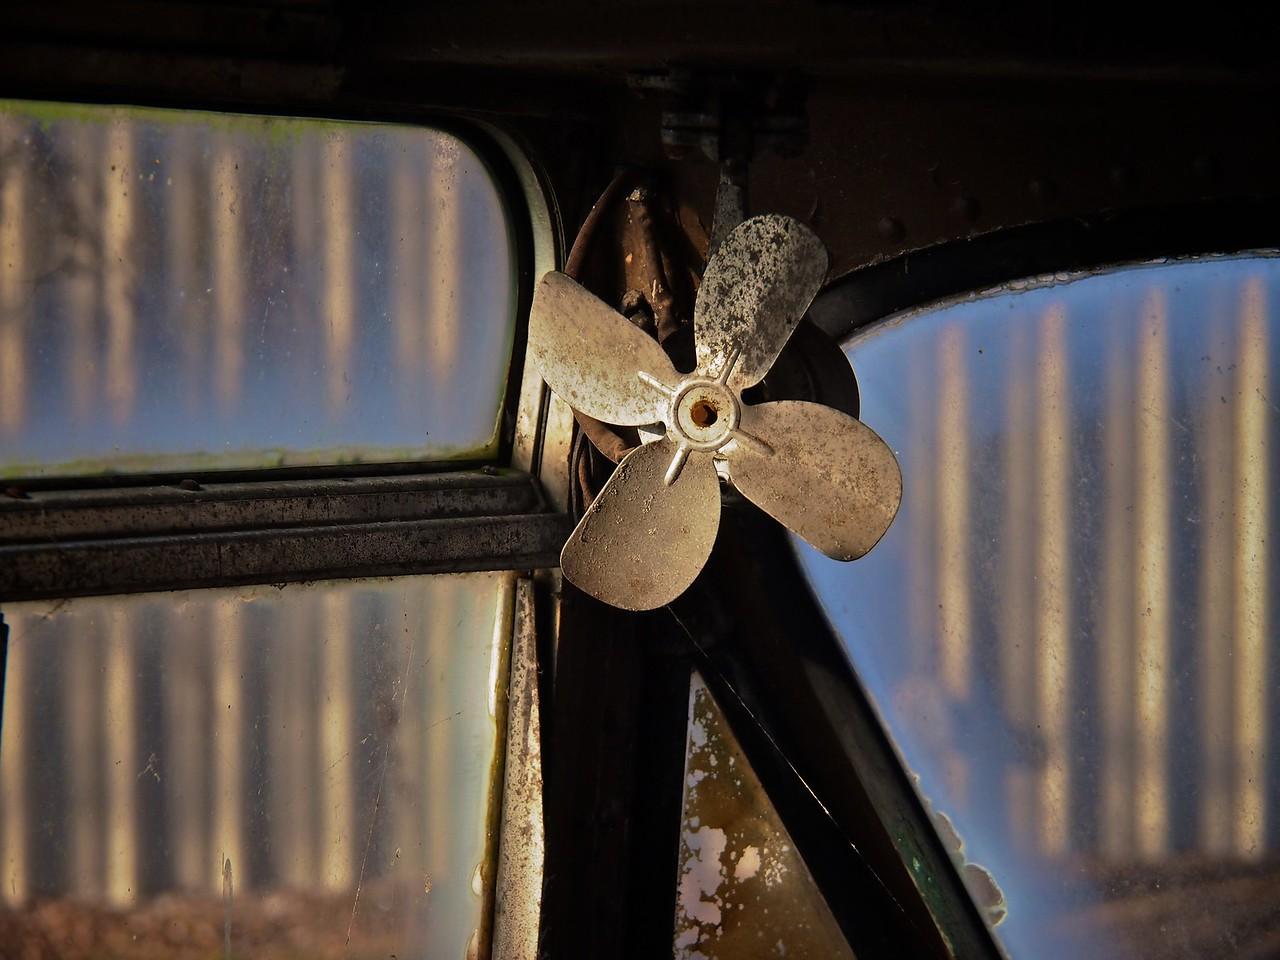 fan in swa old bus